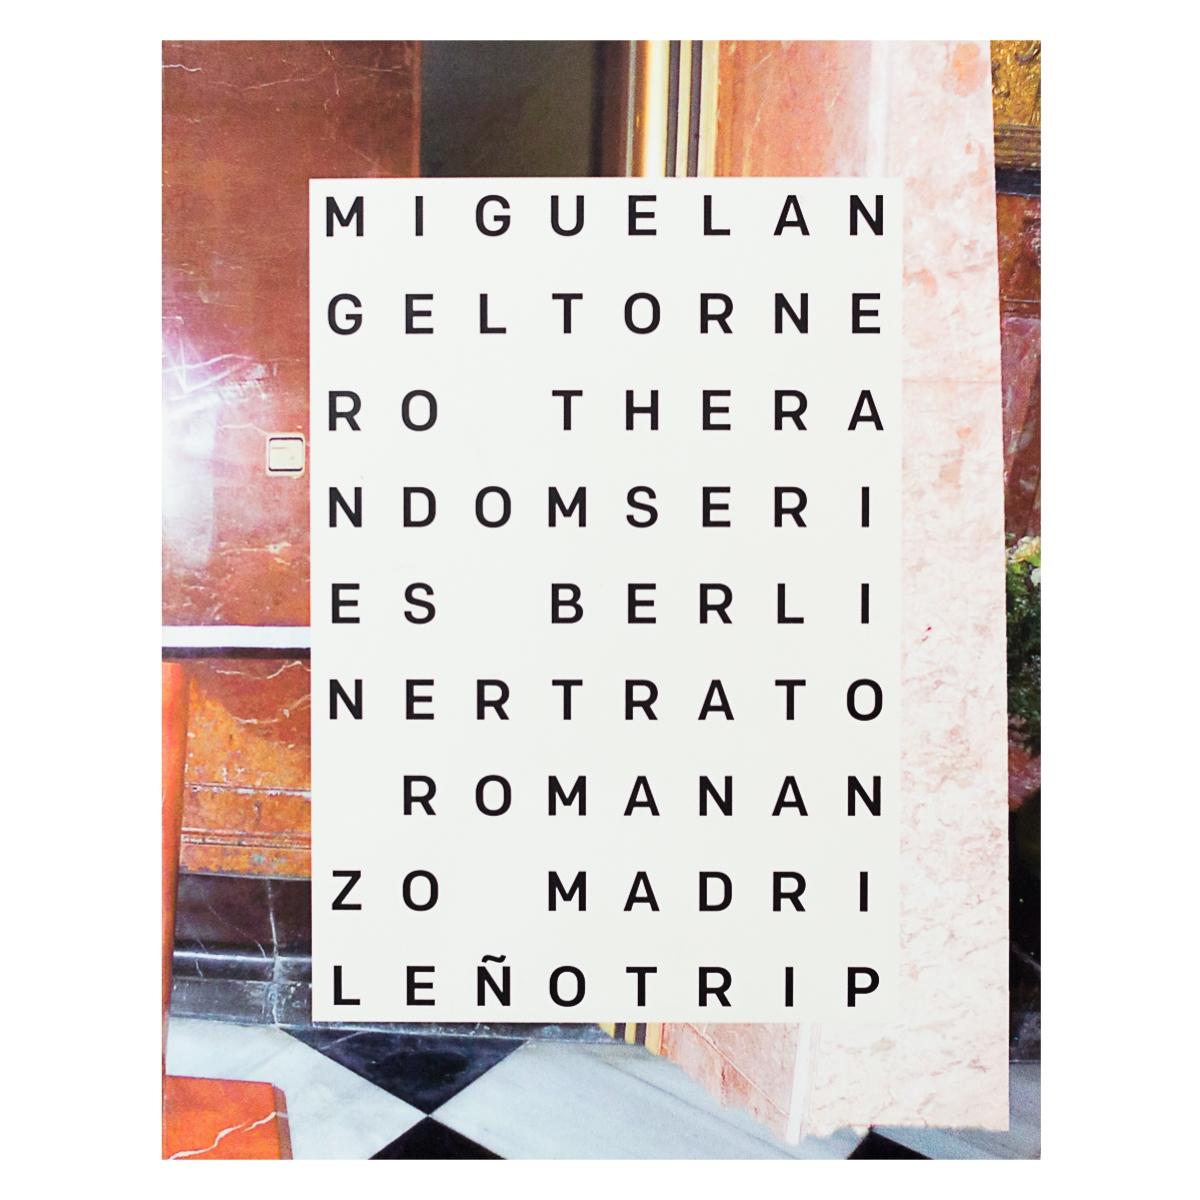 Random Seriesde Miguel Angel Tornero.jpg